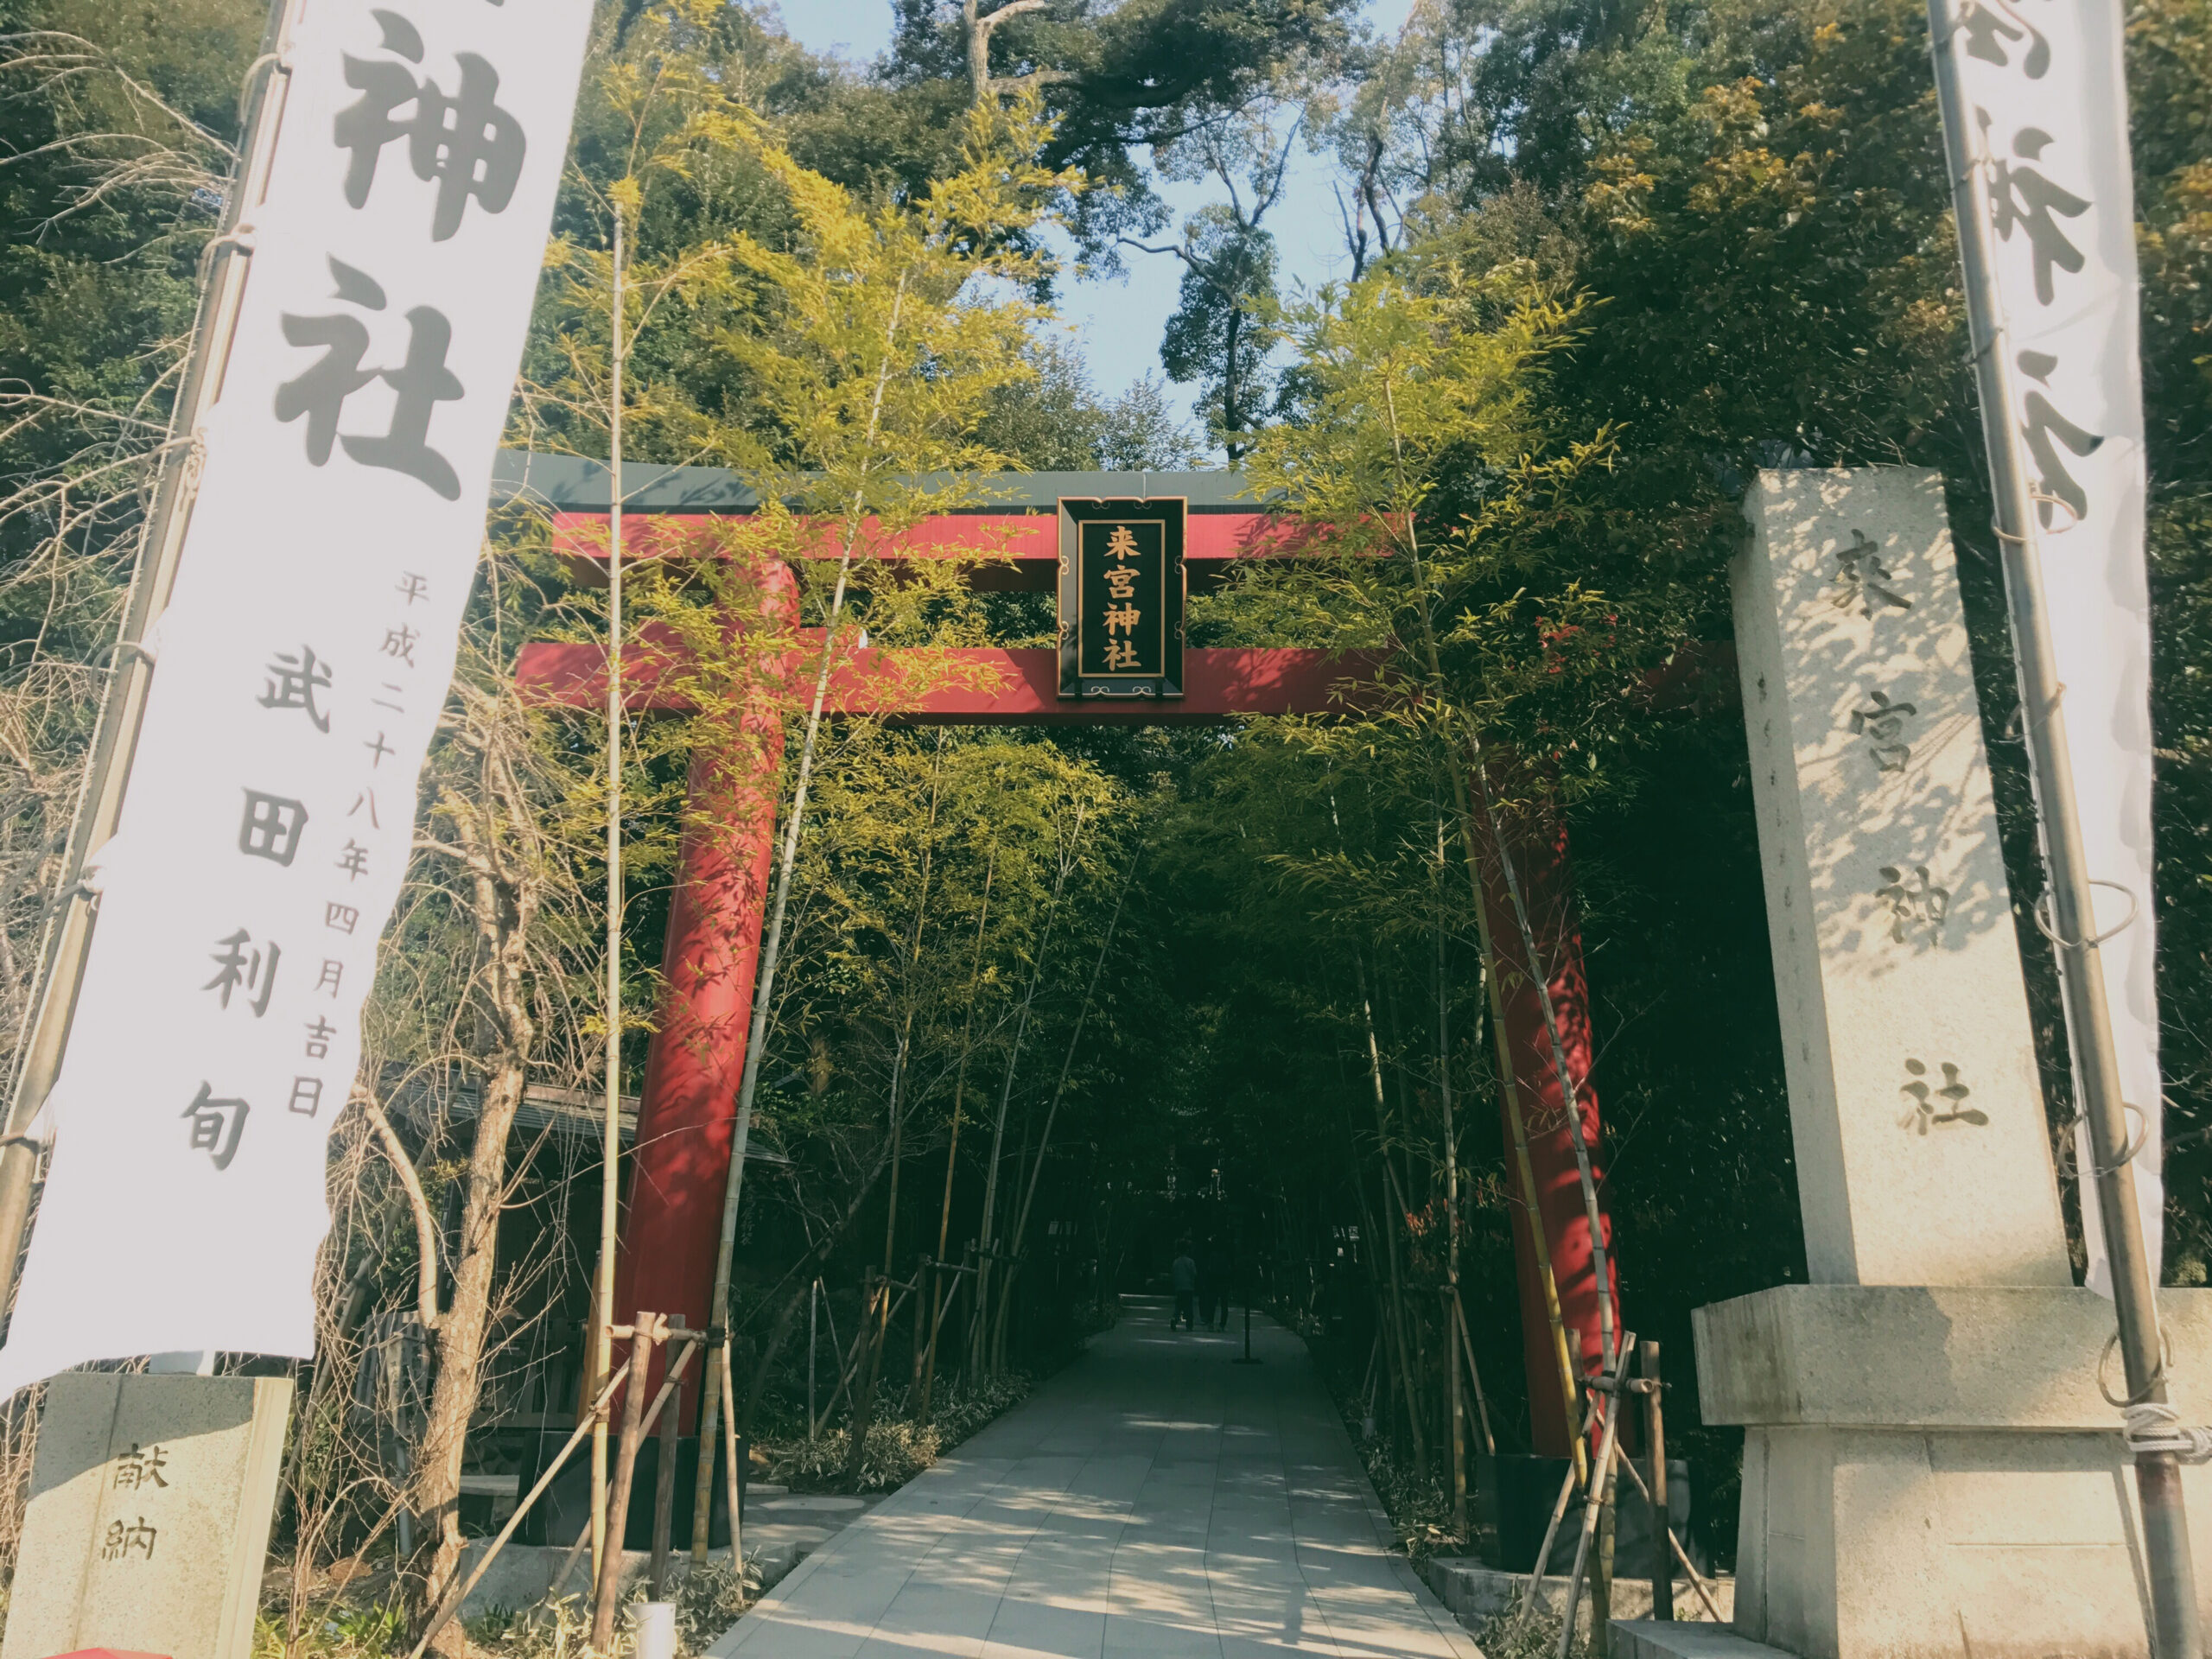 来宮神社(らいぐうじんじゃ)